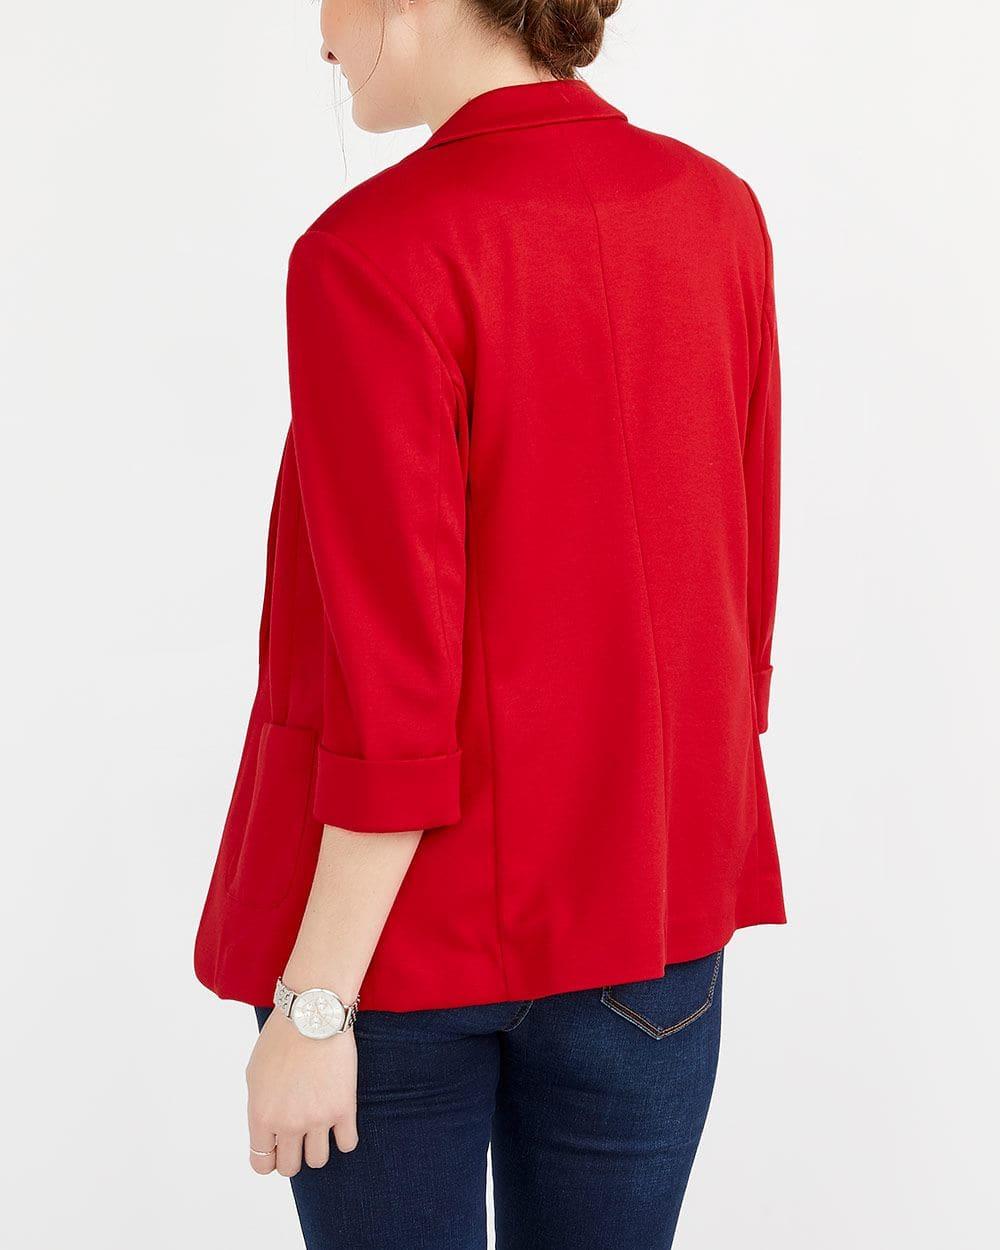 Veston ouvert avec poches plaquées